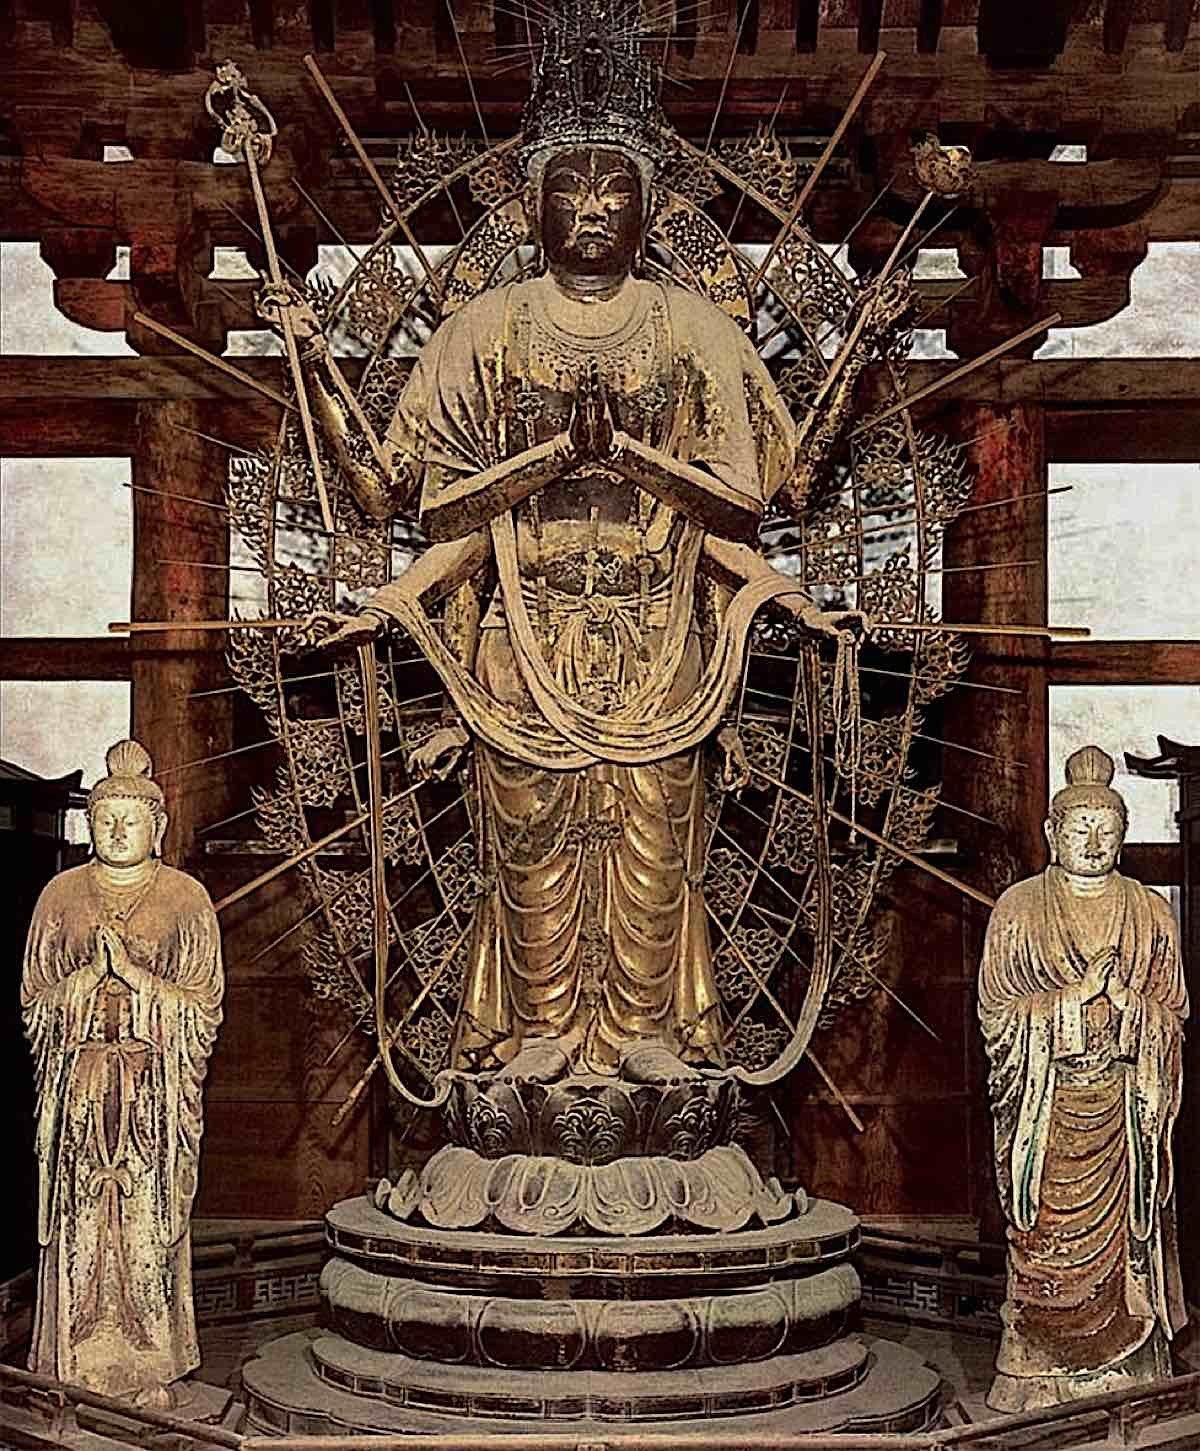 Buddha Weekly Todaiji Monaster Fukuken saku Kannon of Hokke do. Todai ji Buddhism